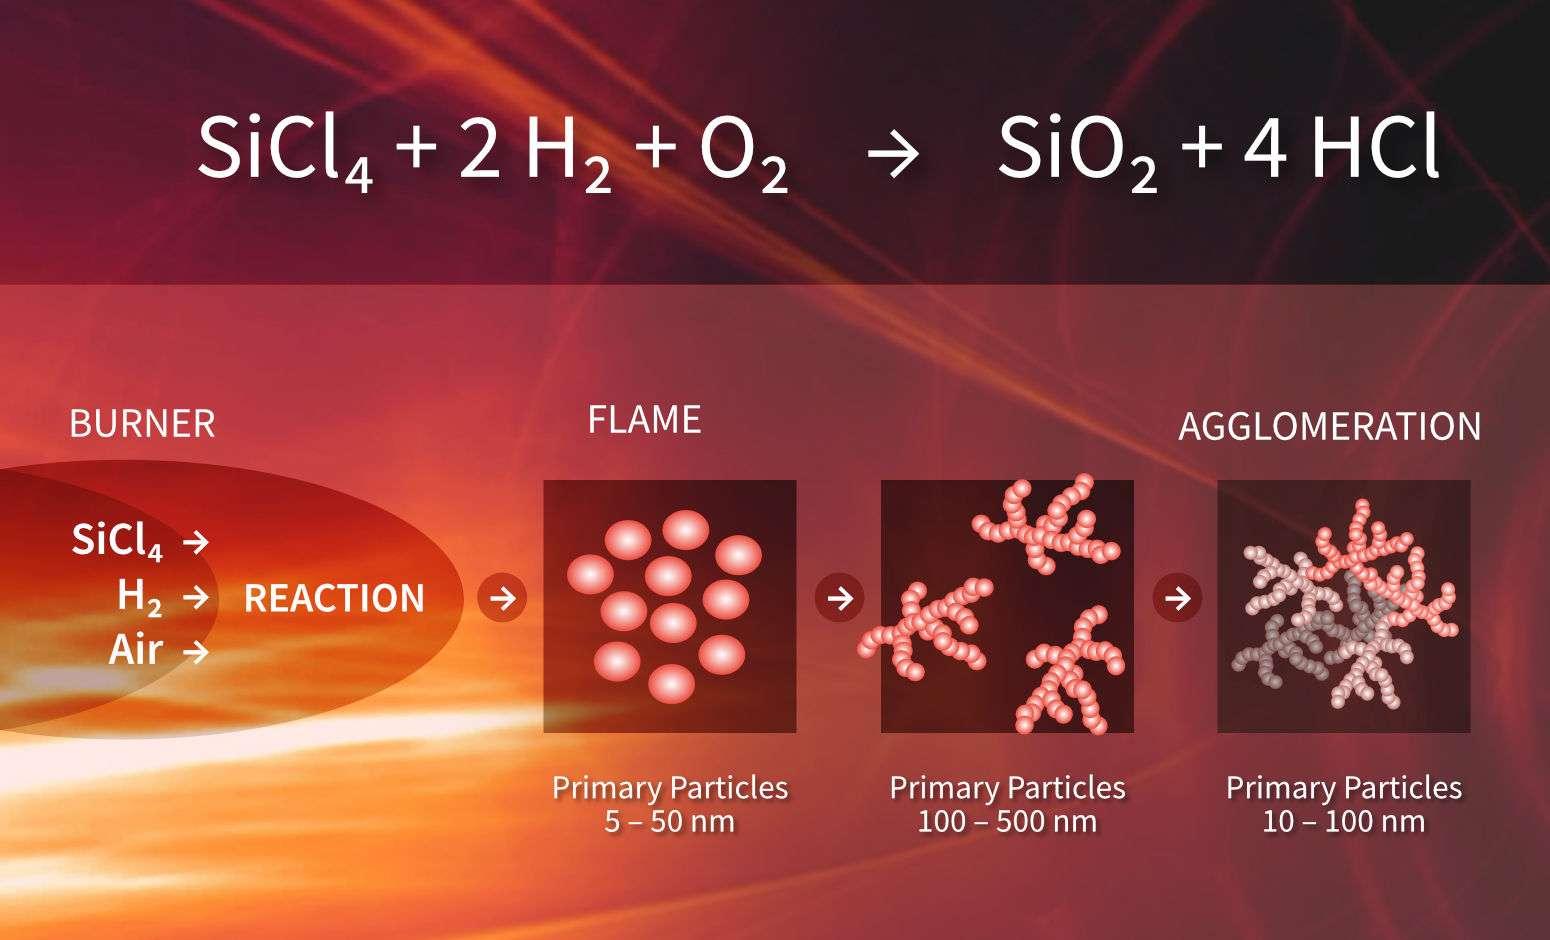 シルサーム ヒュームドシリカ クリーンエネルギー 省エネ 熱効率向上 低炭素 カーボンニュートラル 二酸化炭素排出量削減